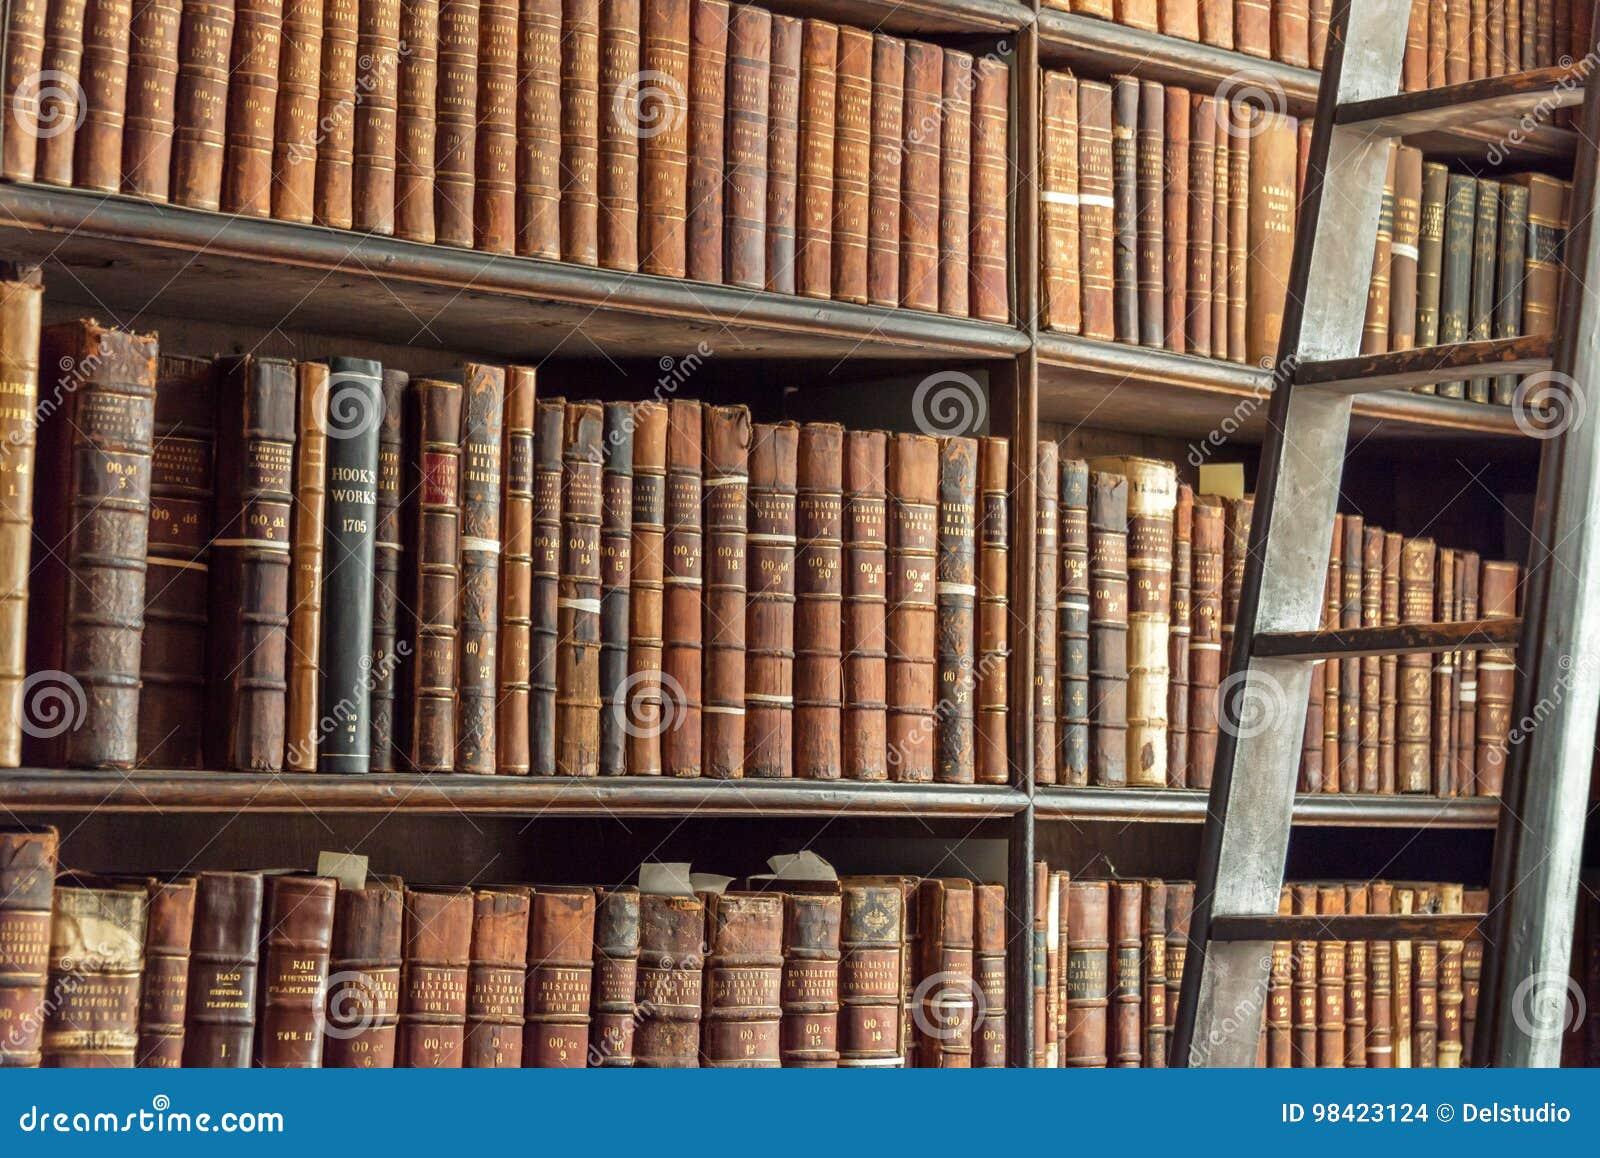 Echelle Bibliotheque Sur Rail le vieux vintage réserve sur l'étagère et l'échelle en bois